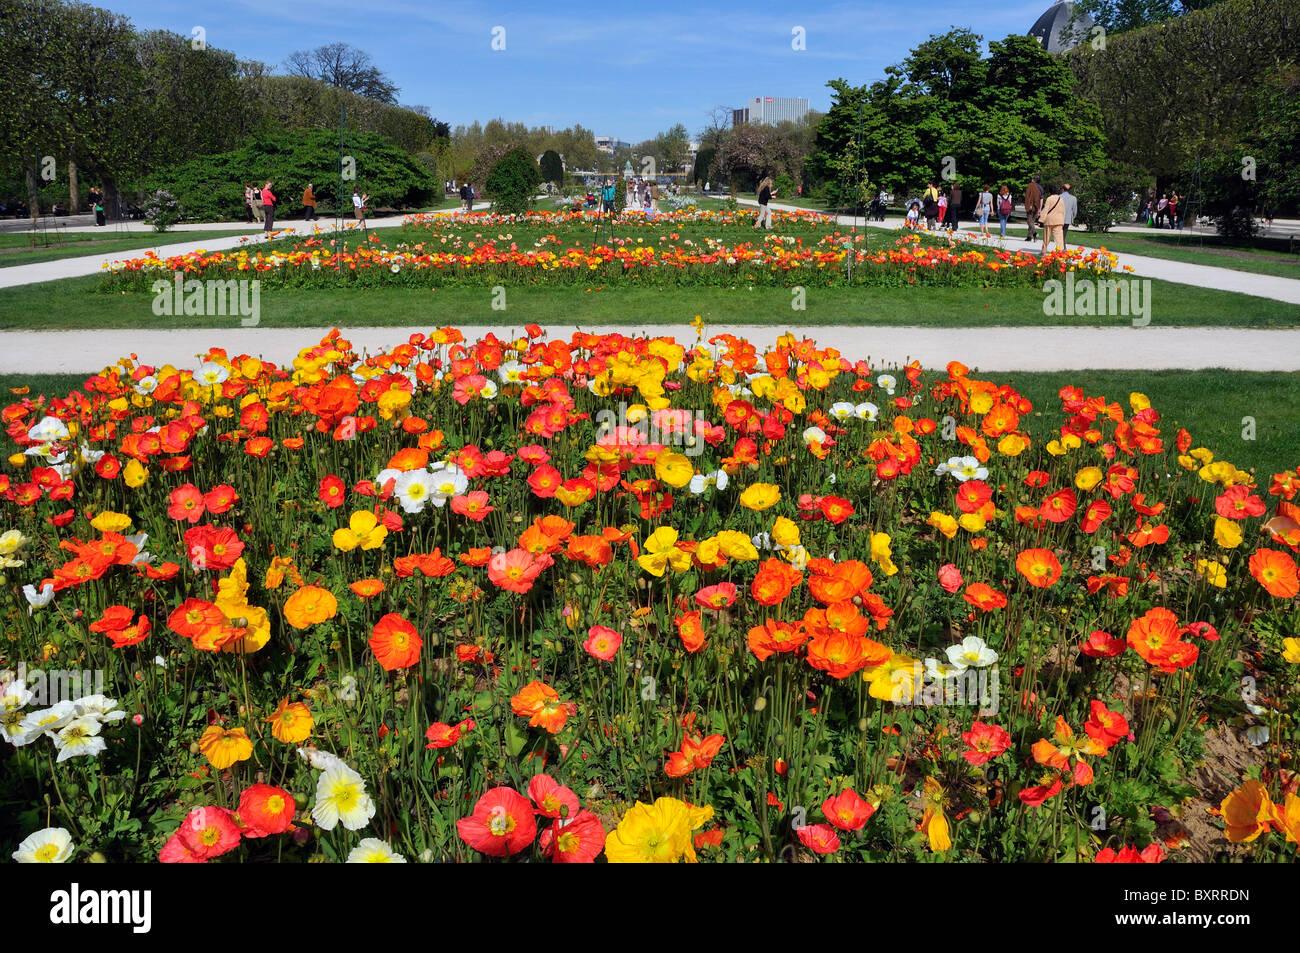 Jardin Des Plantes Paris Stockfotos & Jardin Des Plantes Paris ...